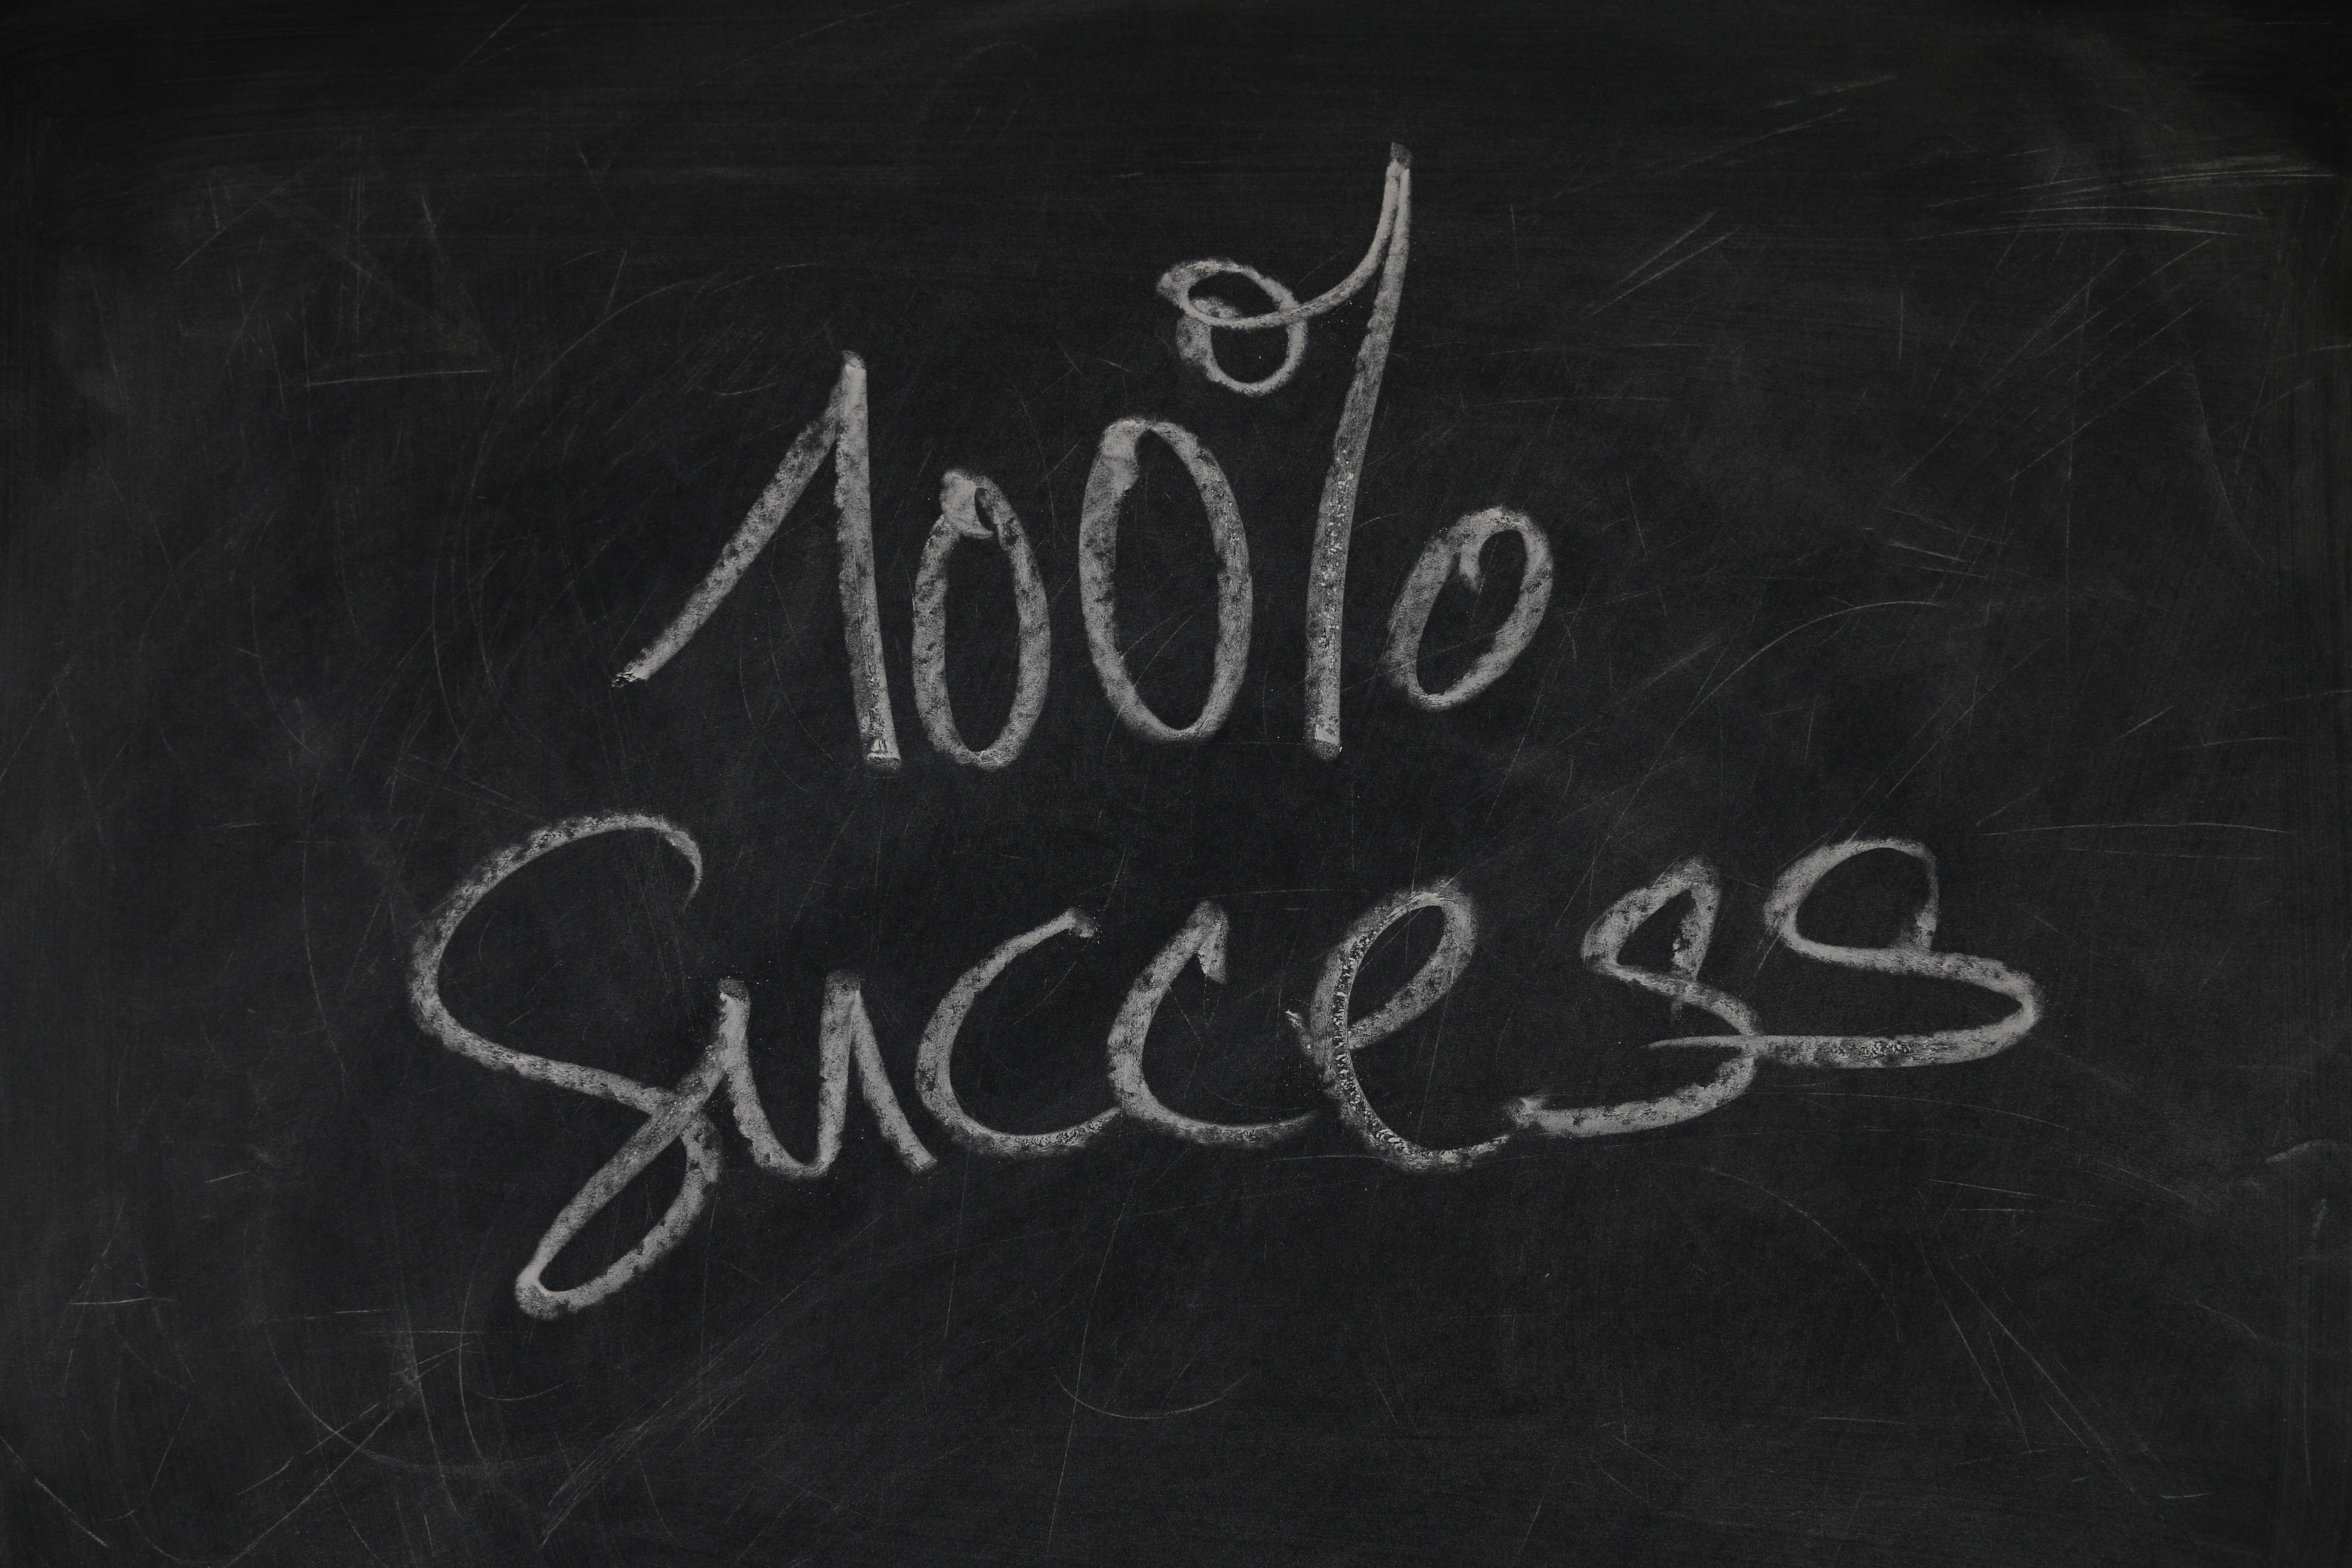 Para alcanzar el éxito hay que hacer las cosas con determinación